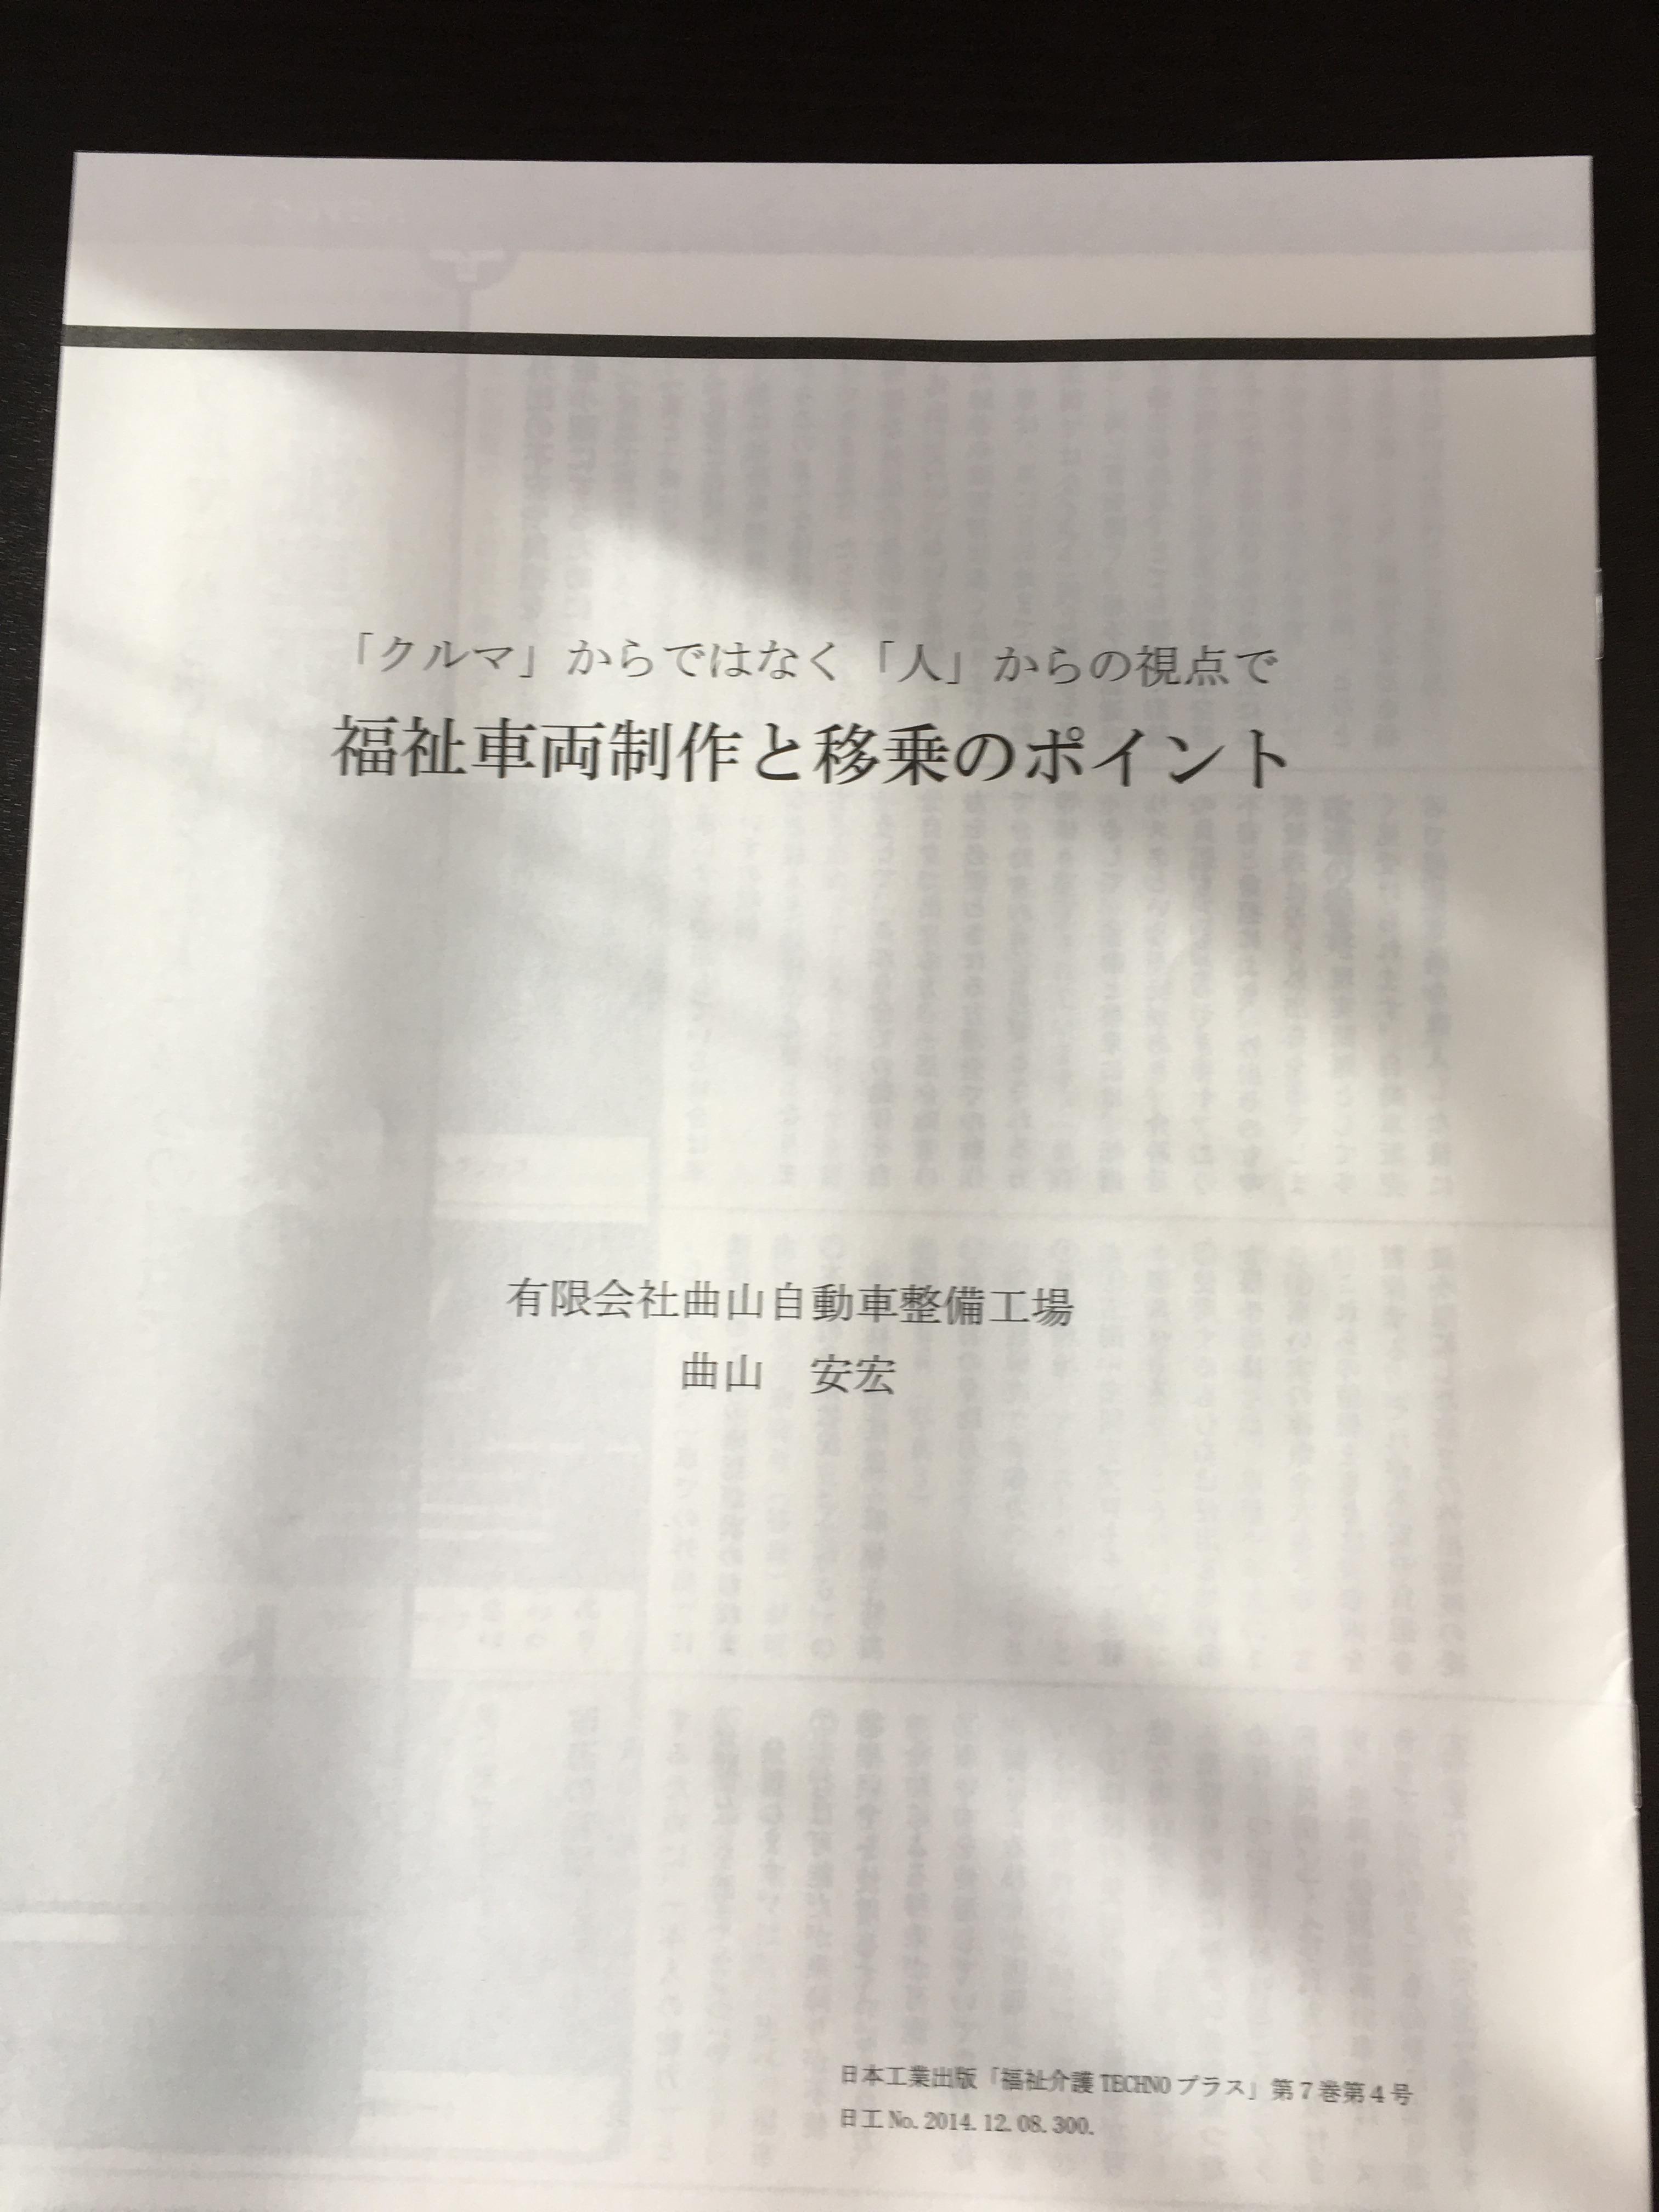 福祉車両改造と移乗のポイント 曲山安宏 アイウェル (有)曲山自動車整備工場